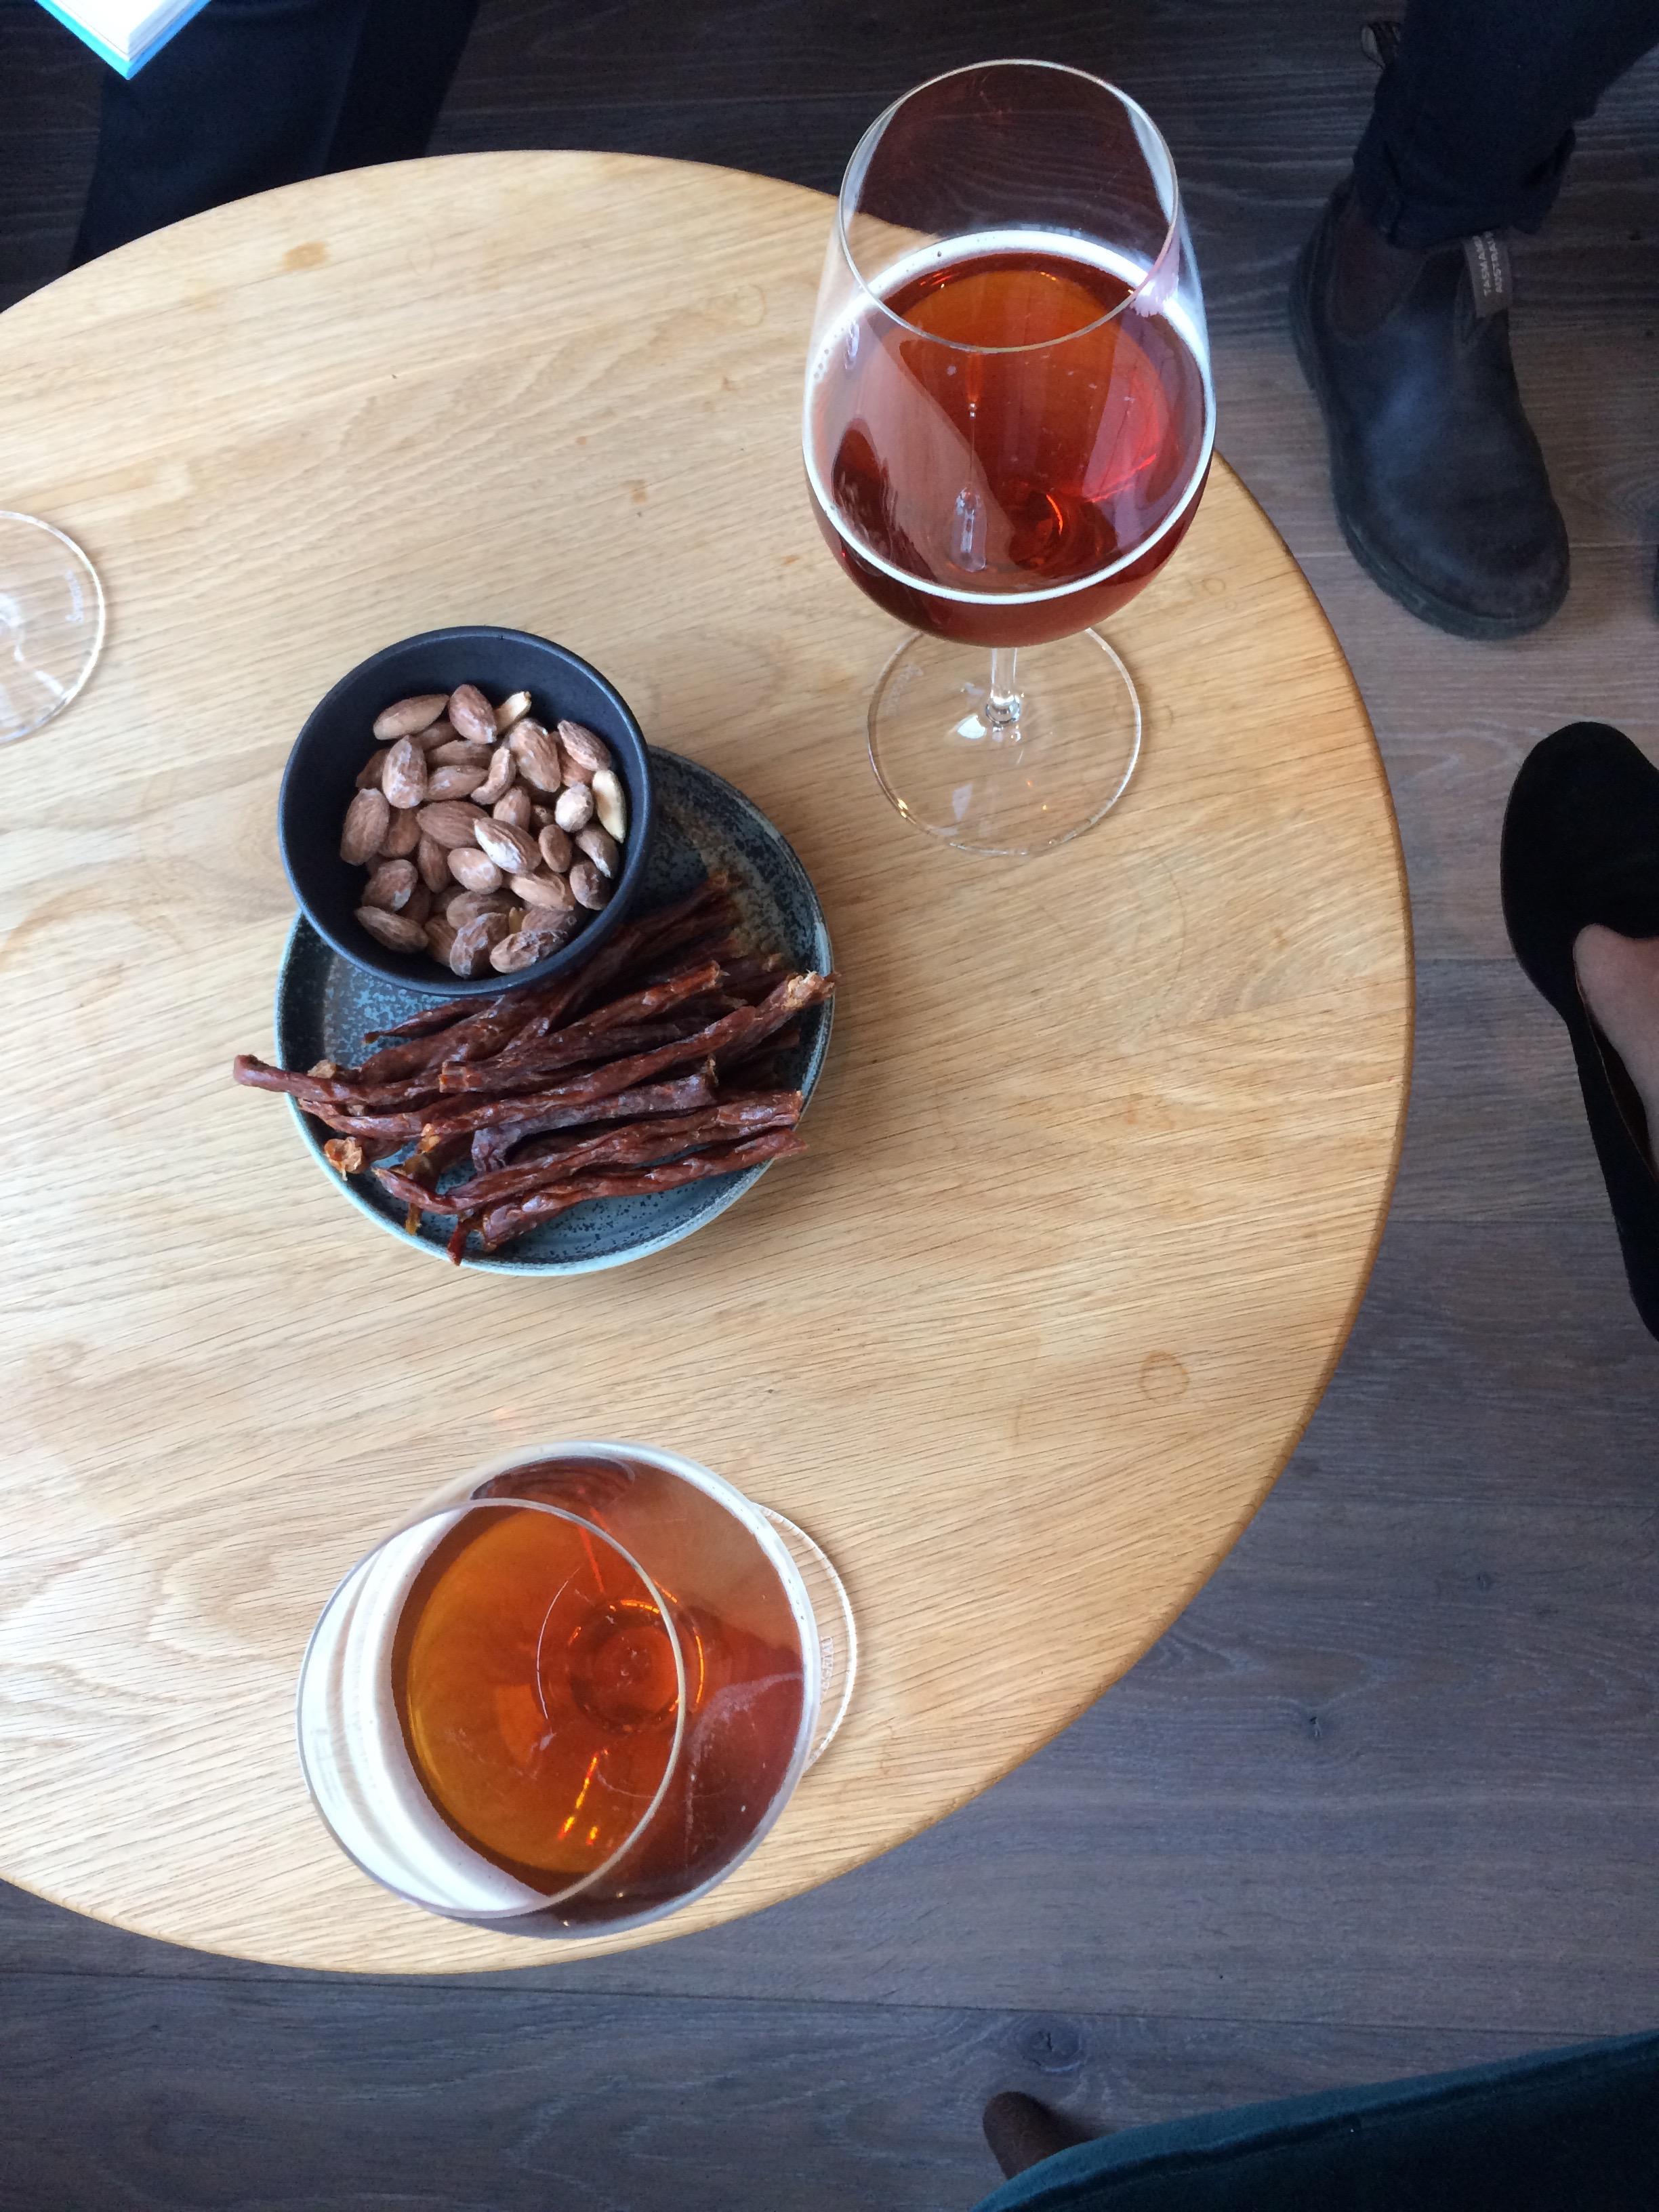 Pre-dinner beer and snacks at Hotel Nordlandet